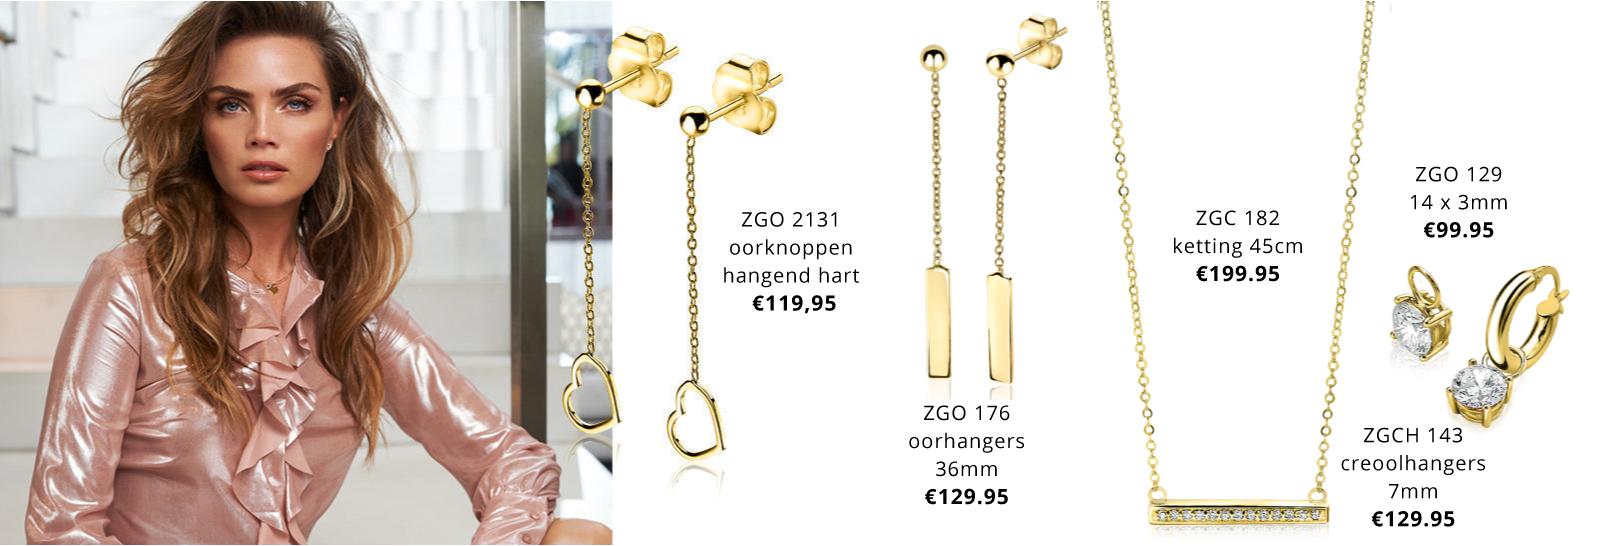 Zinzi-gold-gouden-hangers,-ringen,-oorknoppen-kopen-bij-Wolters-Juweliers-Coevorden-Emmen